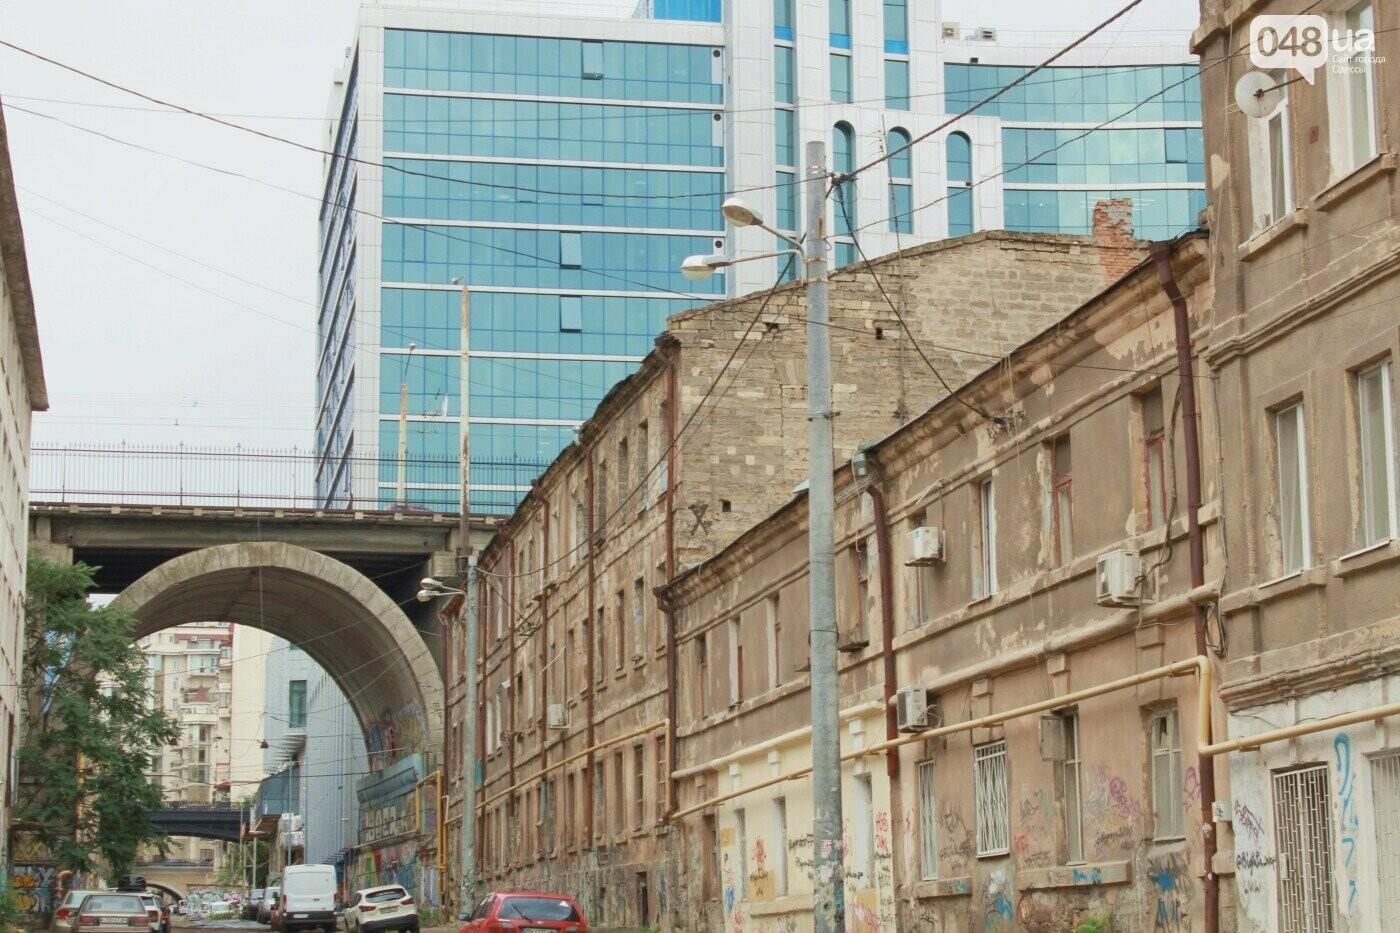 Топ-фото: Двенадцать мгновений 2020 года в Одессе,- ФОТОРЕПОРТАЖ, фото-48